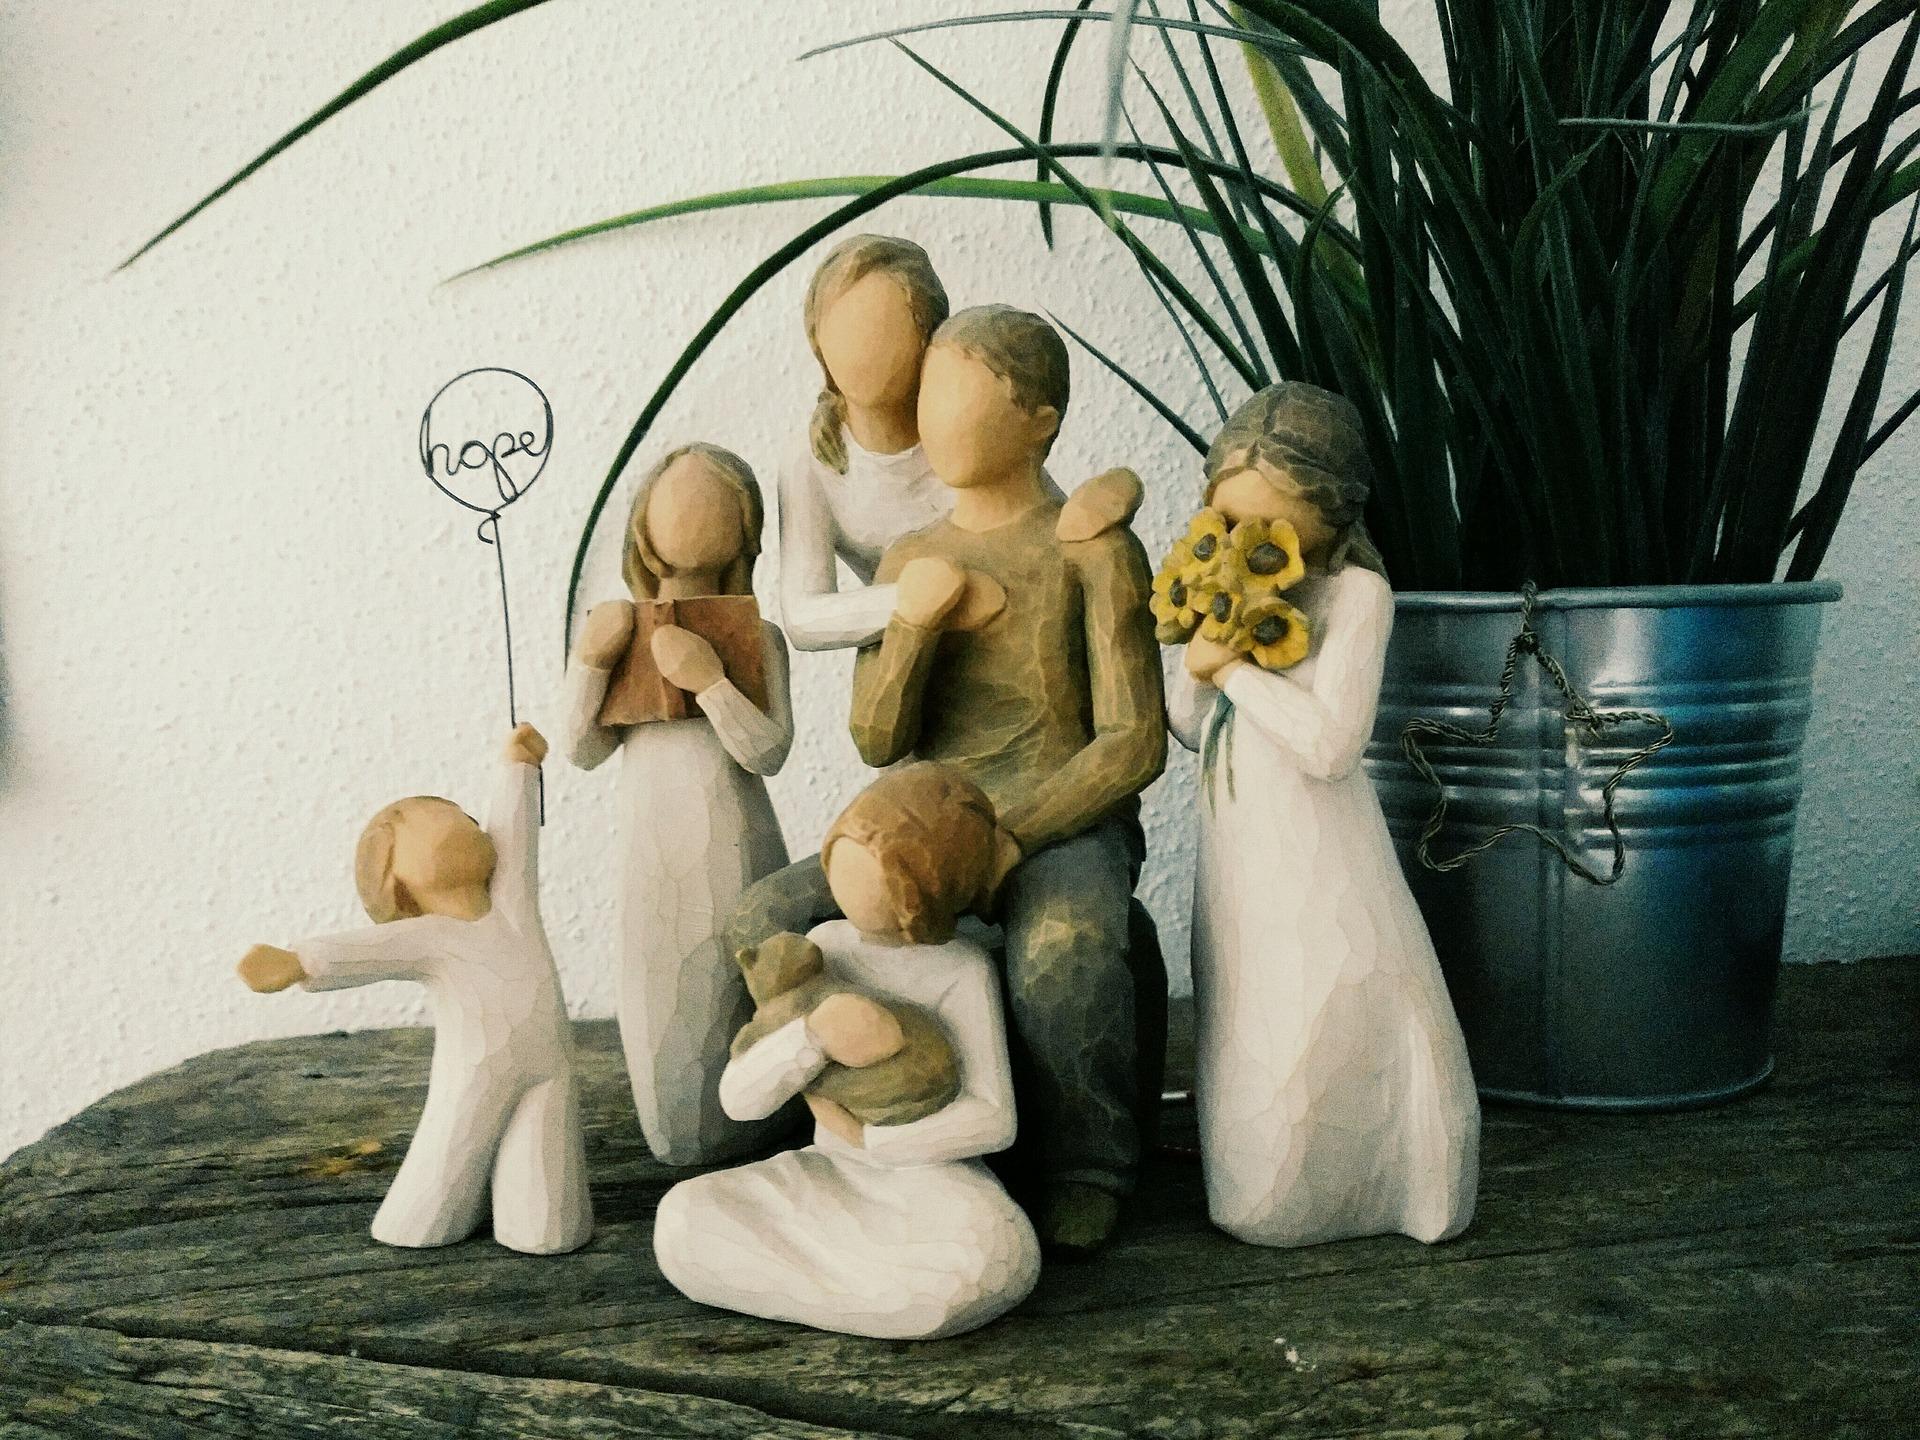 family-1976957_1920.jpg